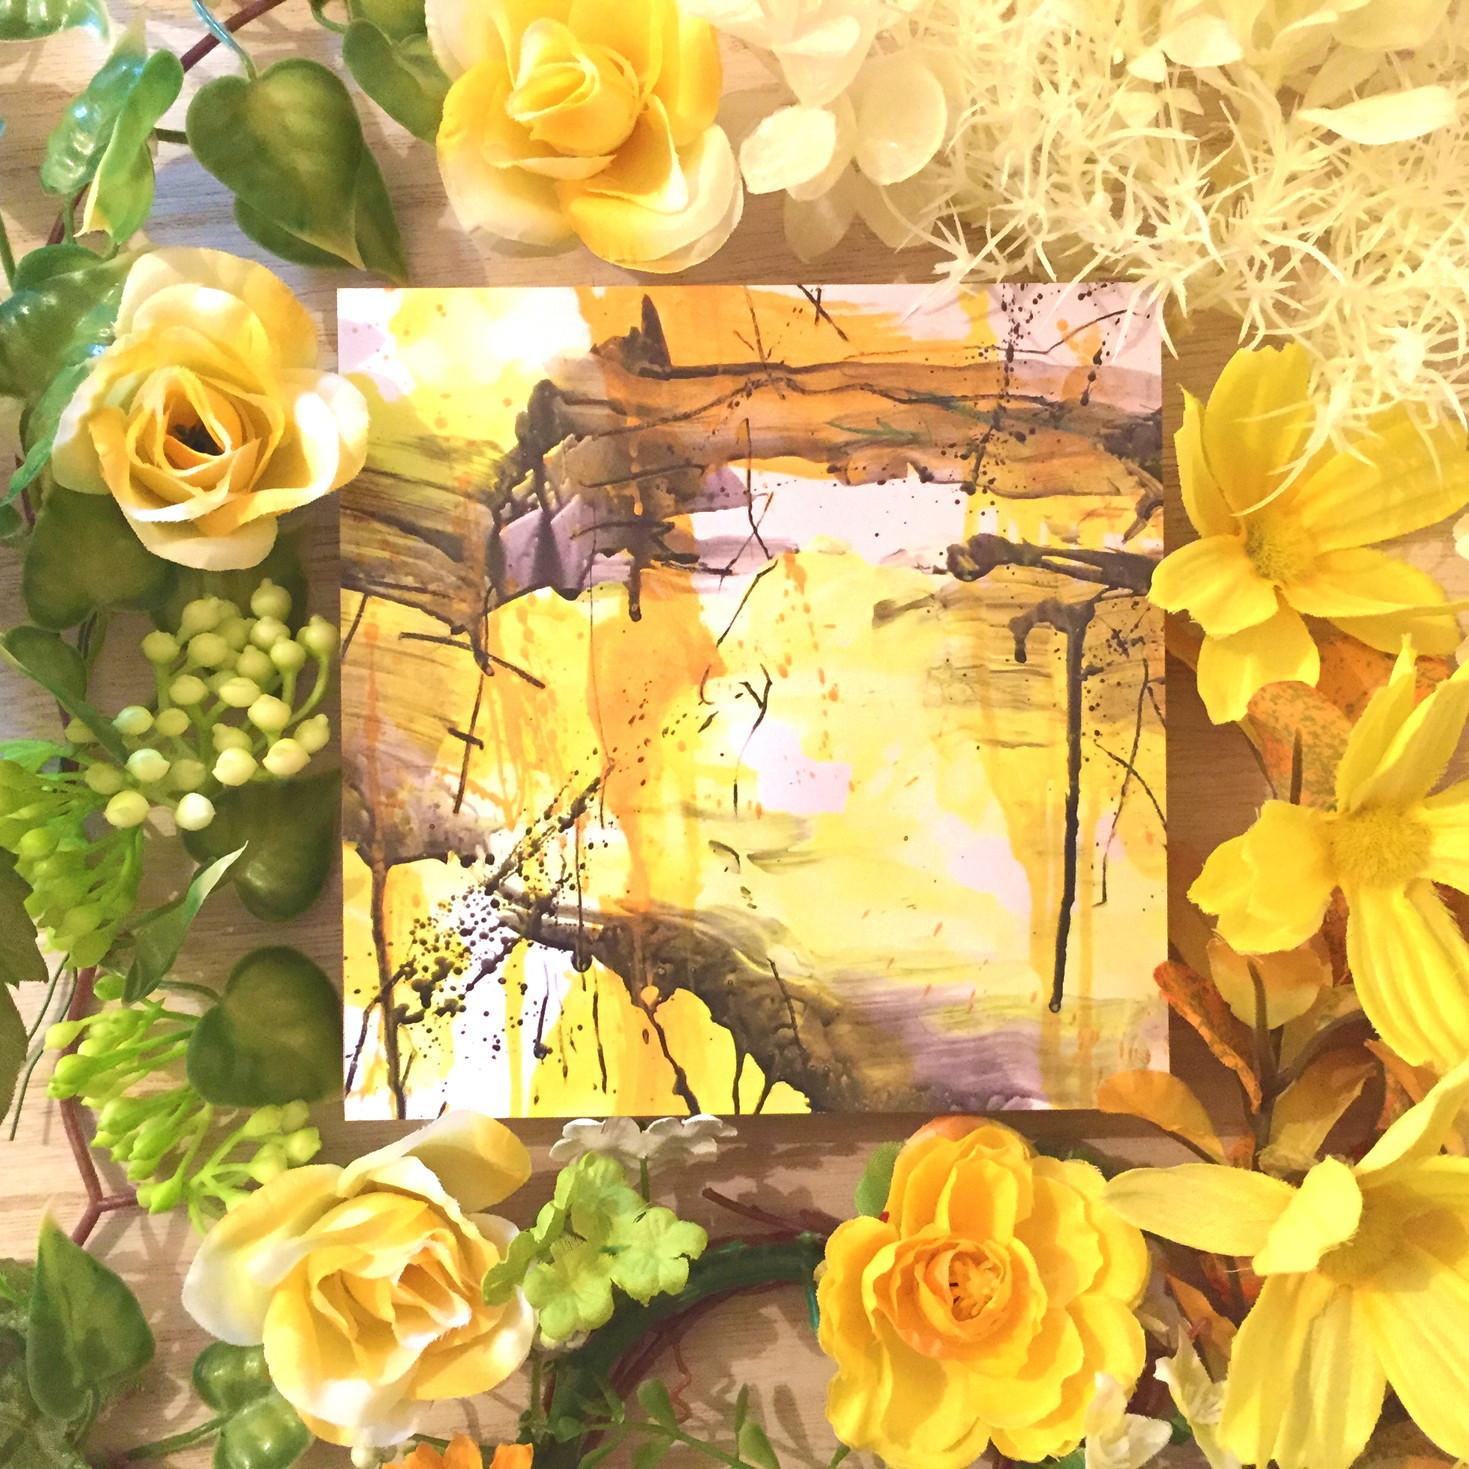 絵画 インテリア アートパネル 雑貨 壁掛け 置物 おしゃれ 抽象画 現代アート ロココロ 画家 : tamajapan 作品 : t-28  /  tamajapan